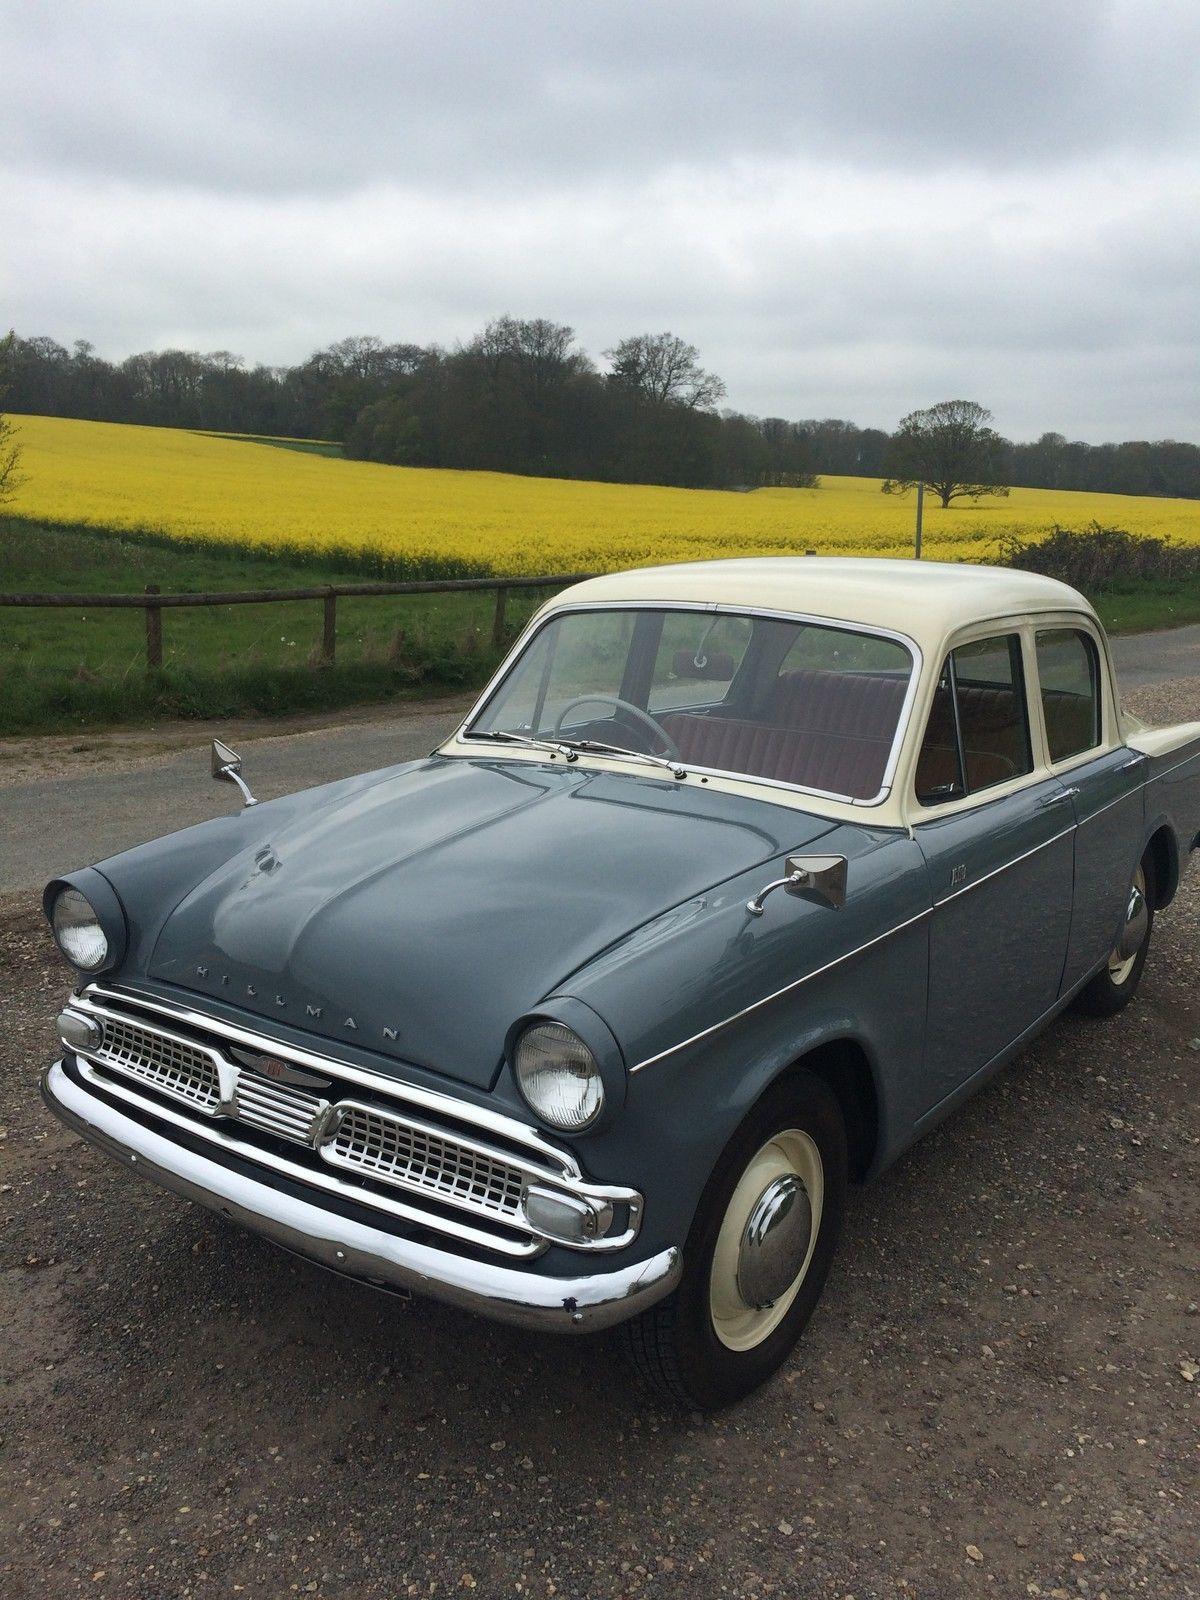 Hillman minx de-luxe grey/cream 1962 | Vehicle Wish List